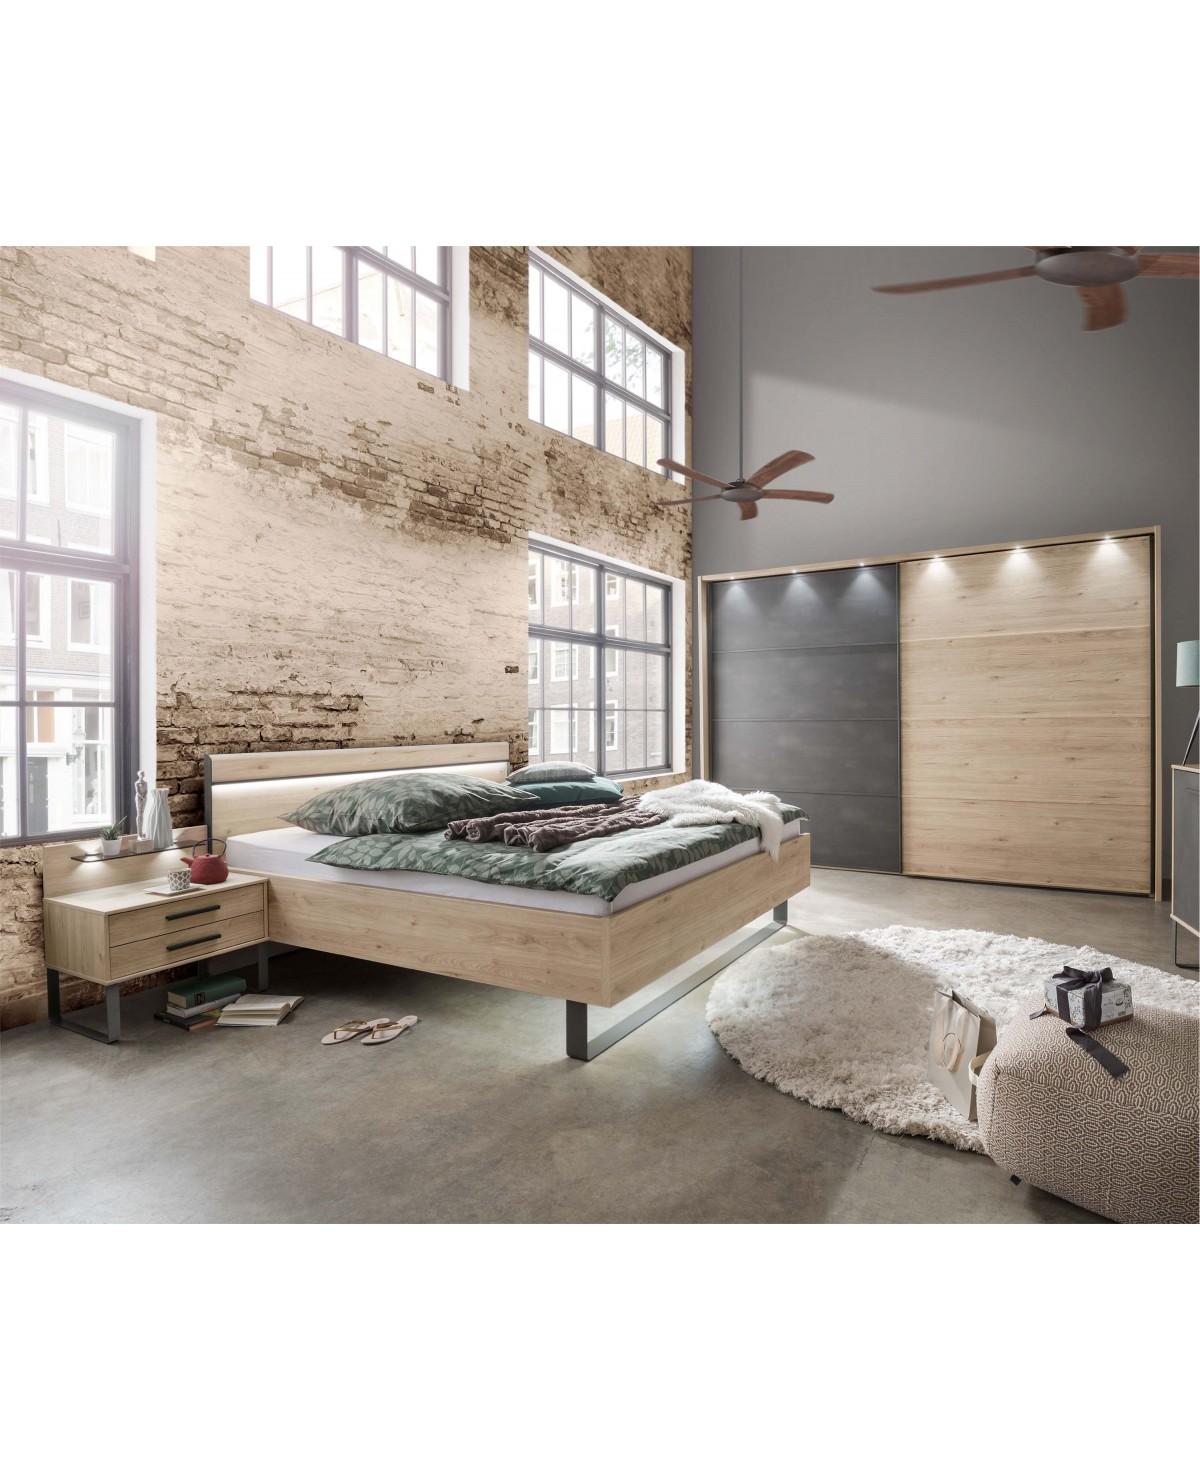 Full Size of Komplette Schlafzimmer Wiemann Brssel Schrank Bett Nachttisch 160x200 Komplettes Komplett Mit Lattenrost Und Matratze Günstig Klimagerät Für Weiß Regal Schlafzimmer Komplette Schlafzimmer